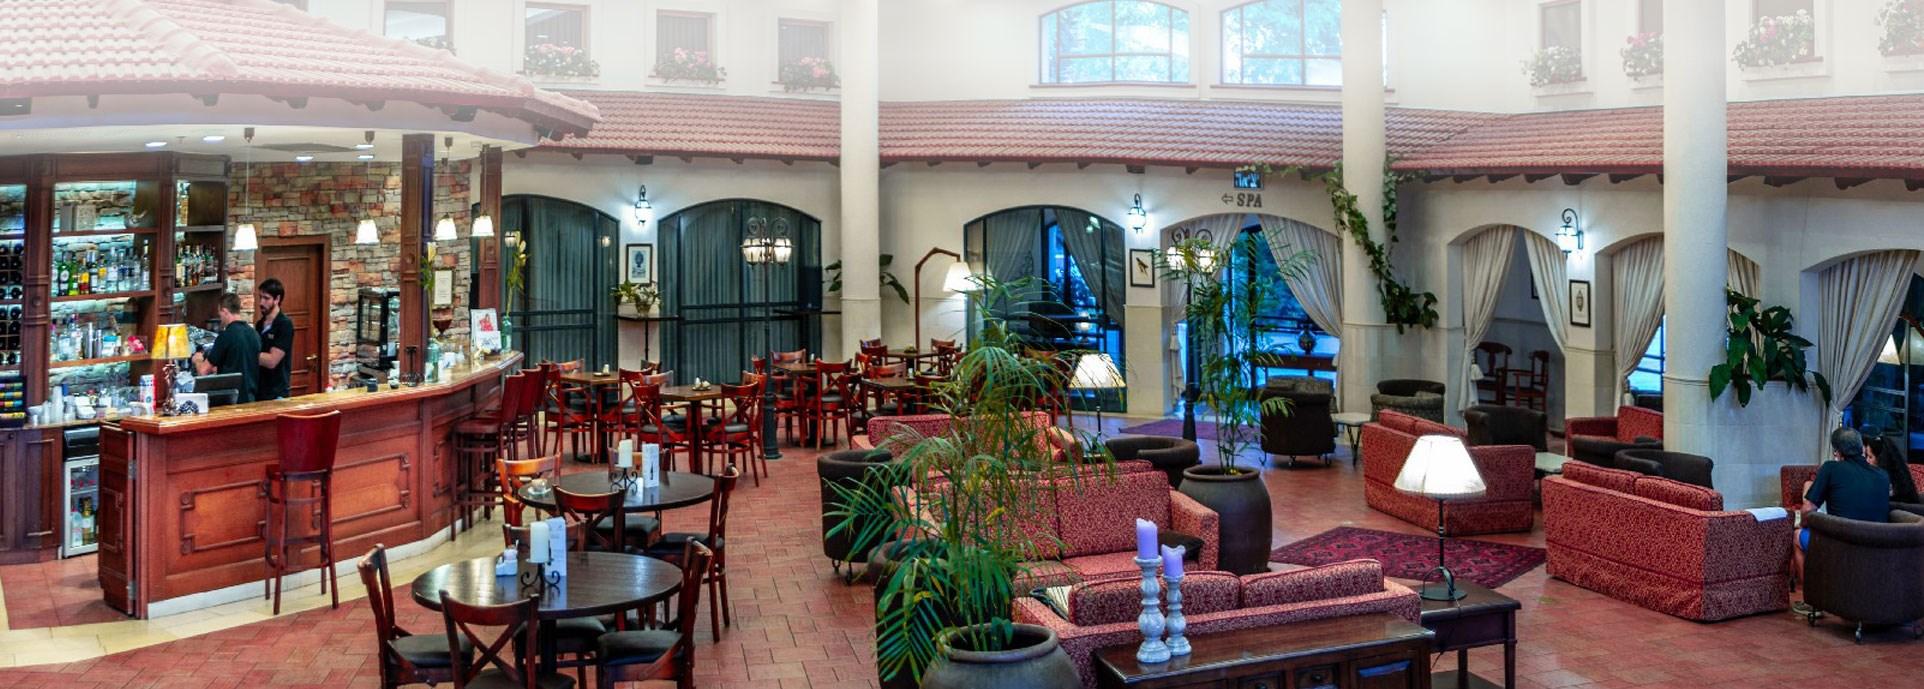 מלון פסטורל כפר בלום - לובי המלון